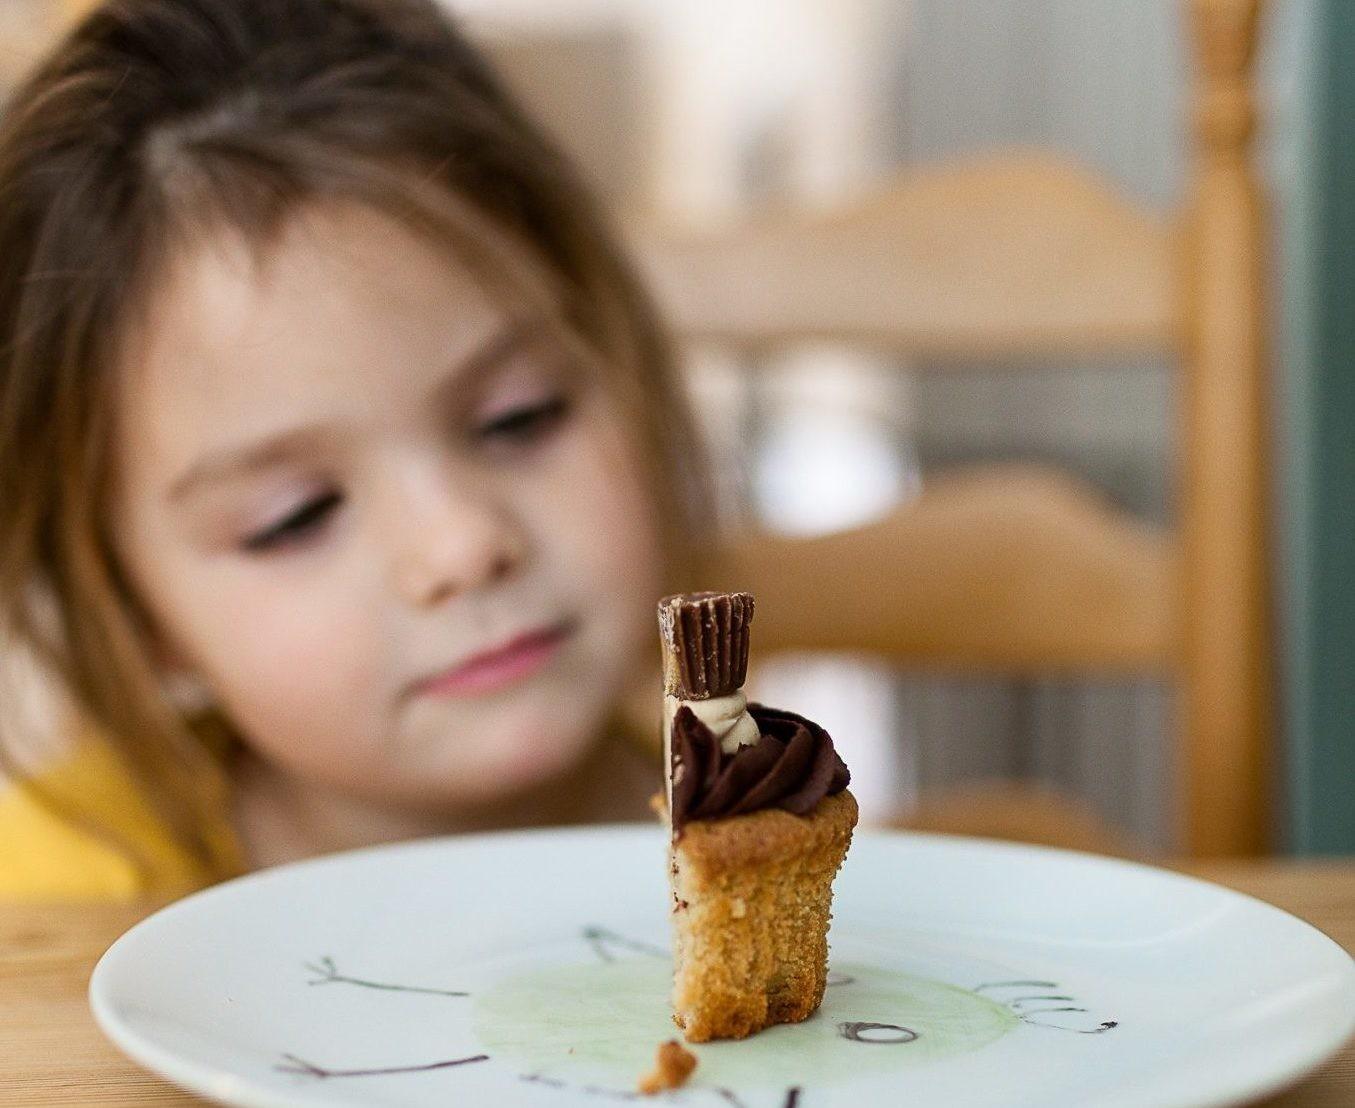 Как посадить ребенка на диету? Советы эксперта